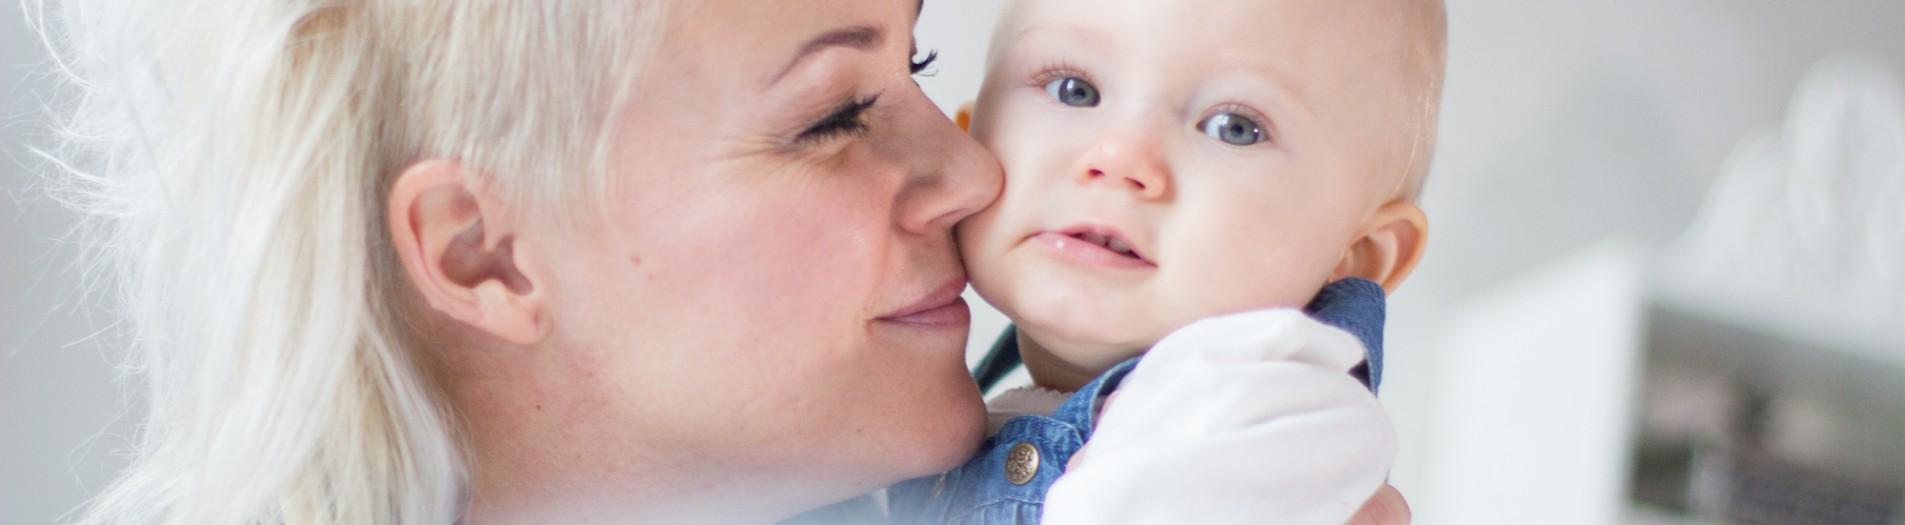 Åsa & Liv 9 mån - familjefotografering